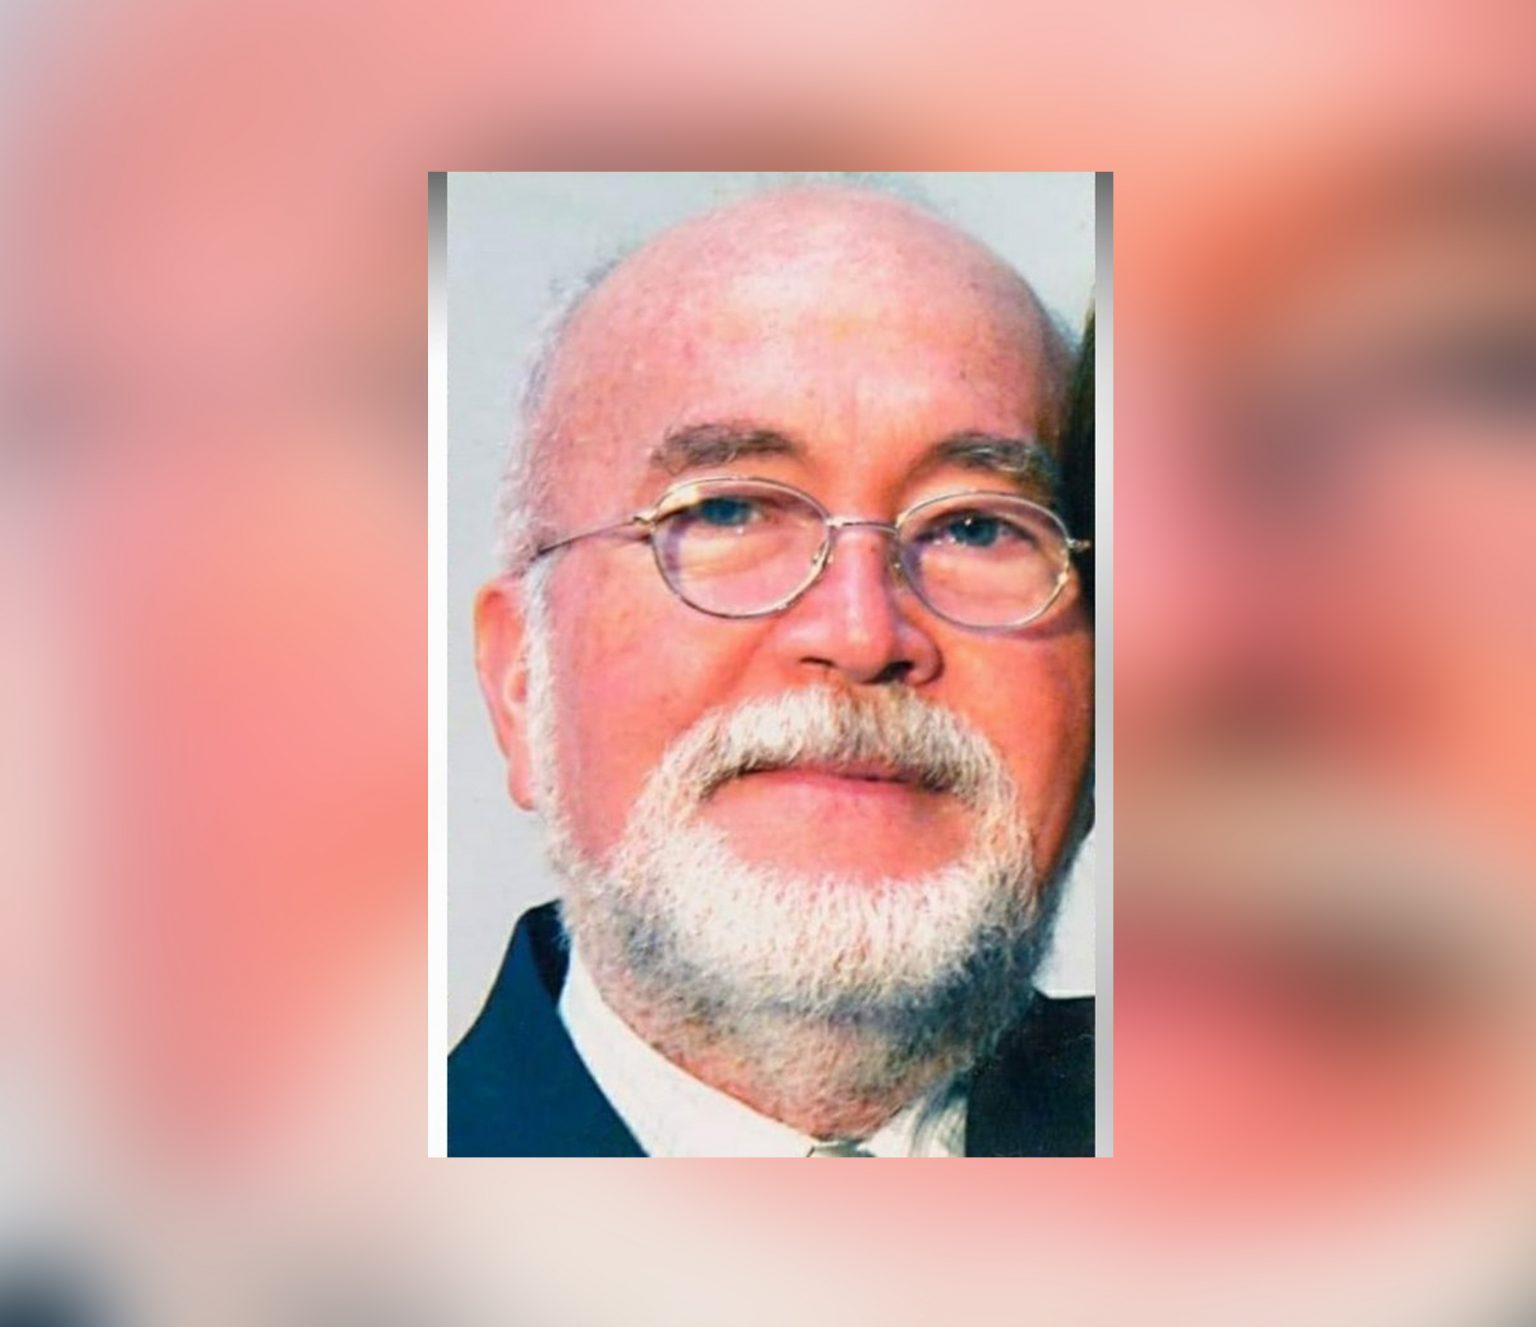 45e6319a8b26871c0576c7e588852c32 1536x1327 1 - Professor aposentado da UFPB, Heitor Cabral, morre vítima da Covid-19 em João Pessoa